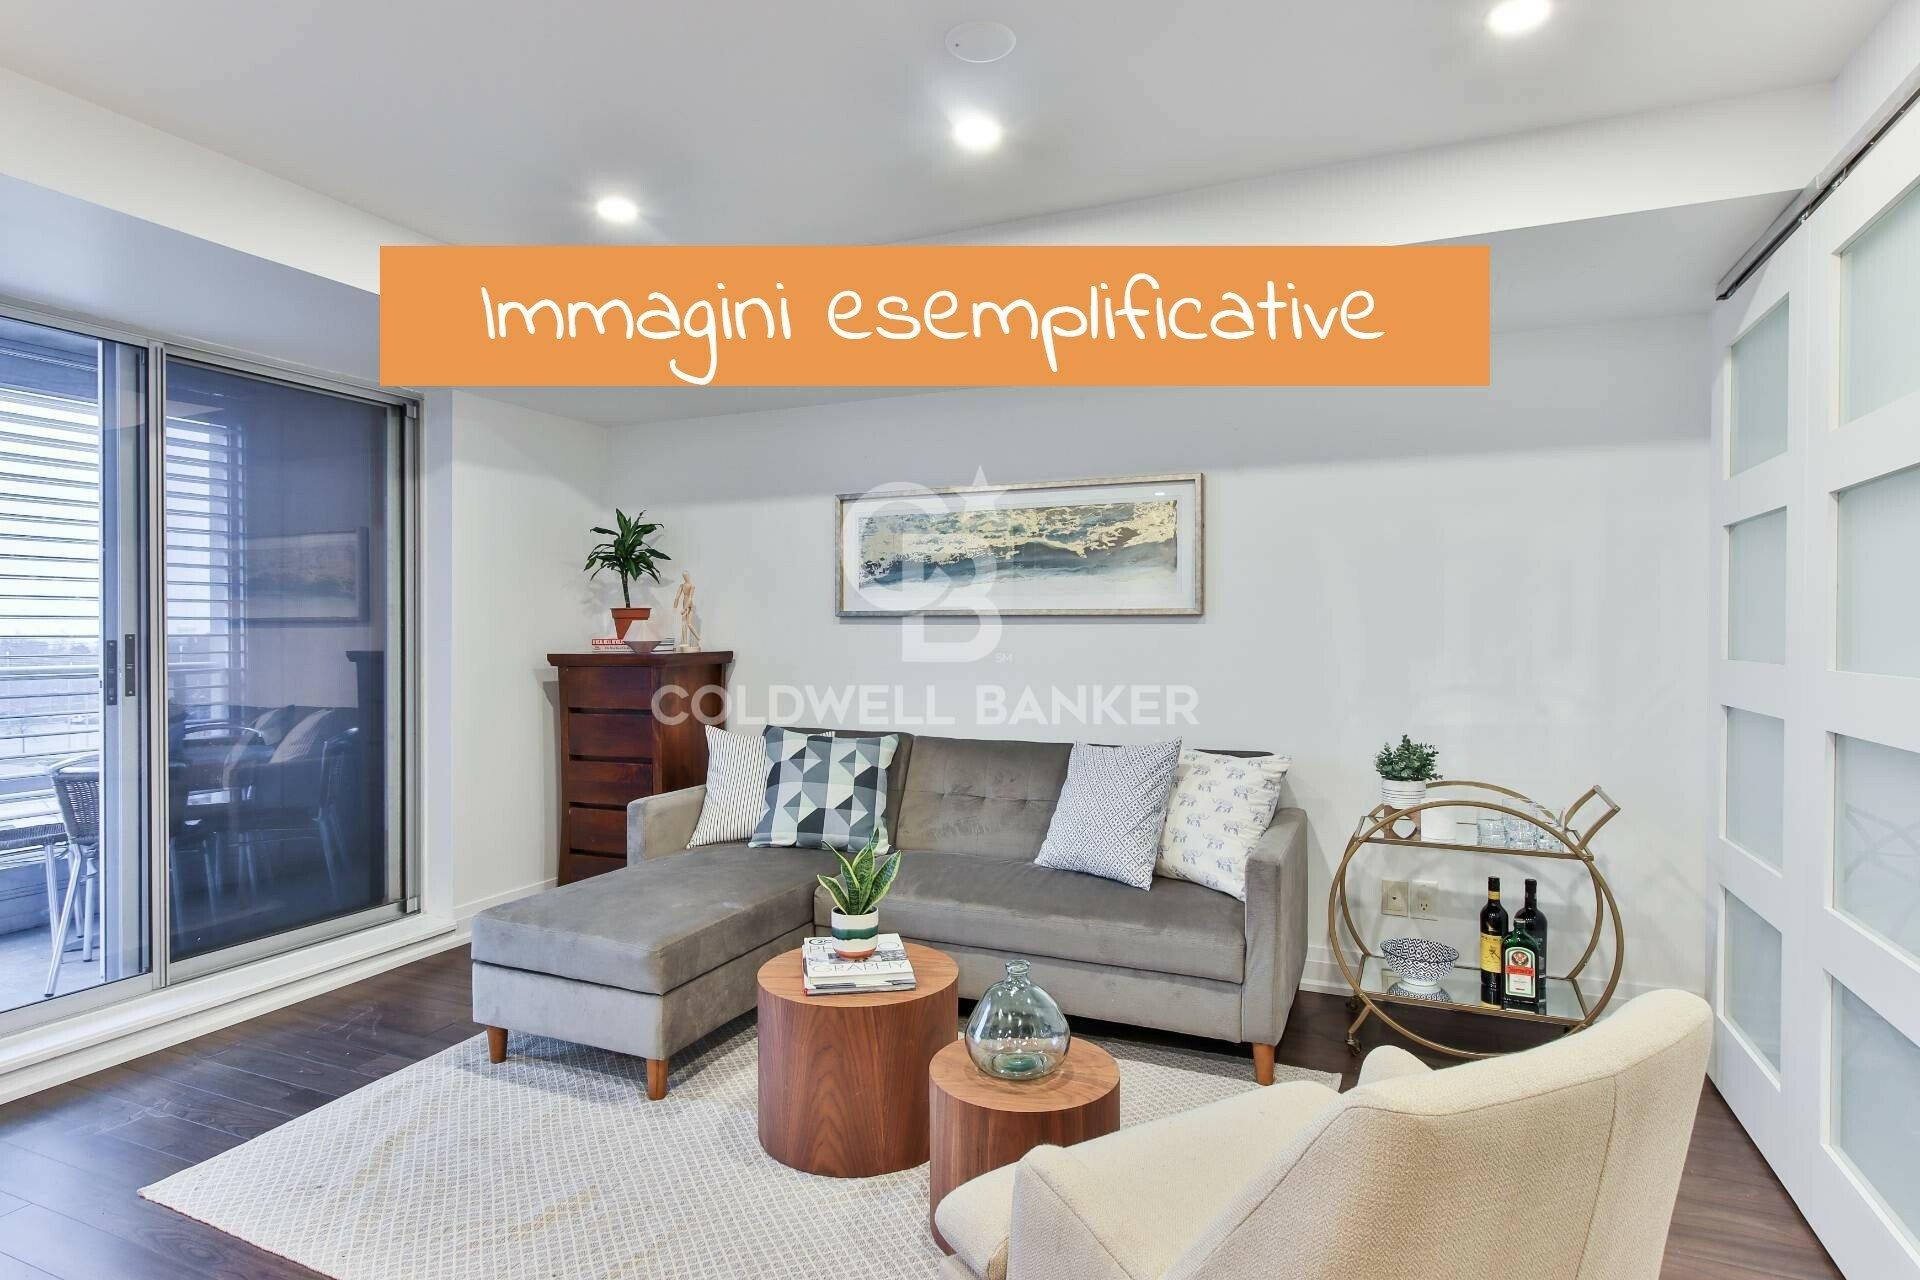 Apartment in Parma, Emilia-Romagna, Italy 1